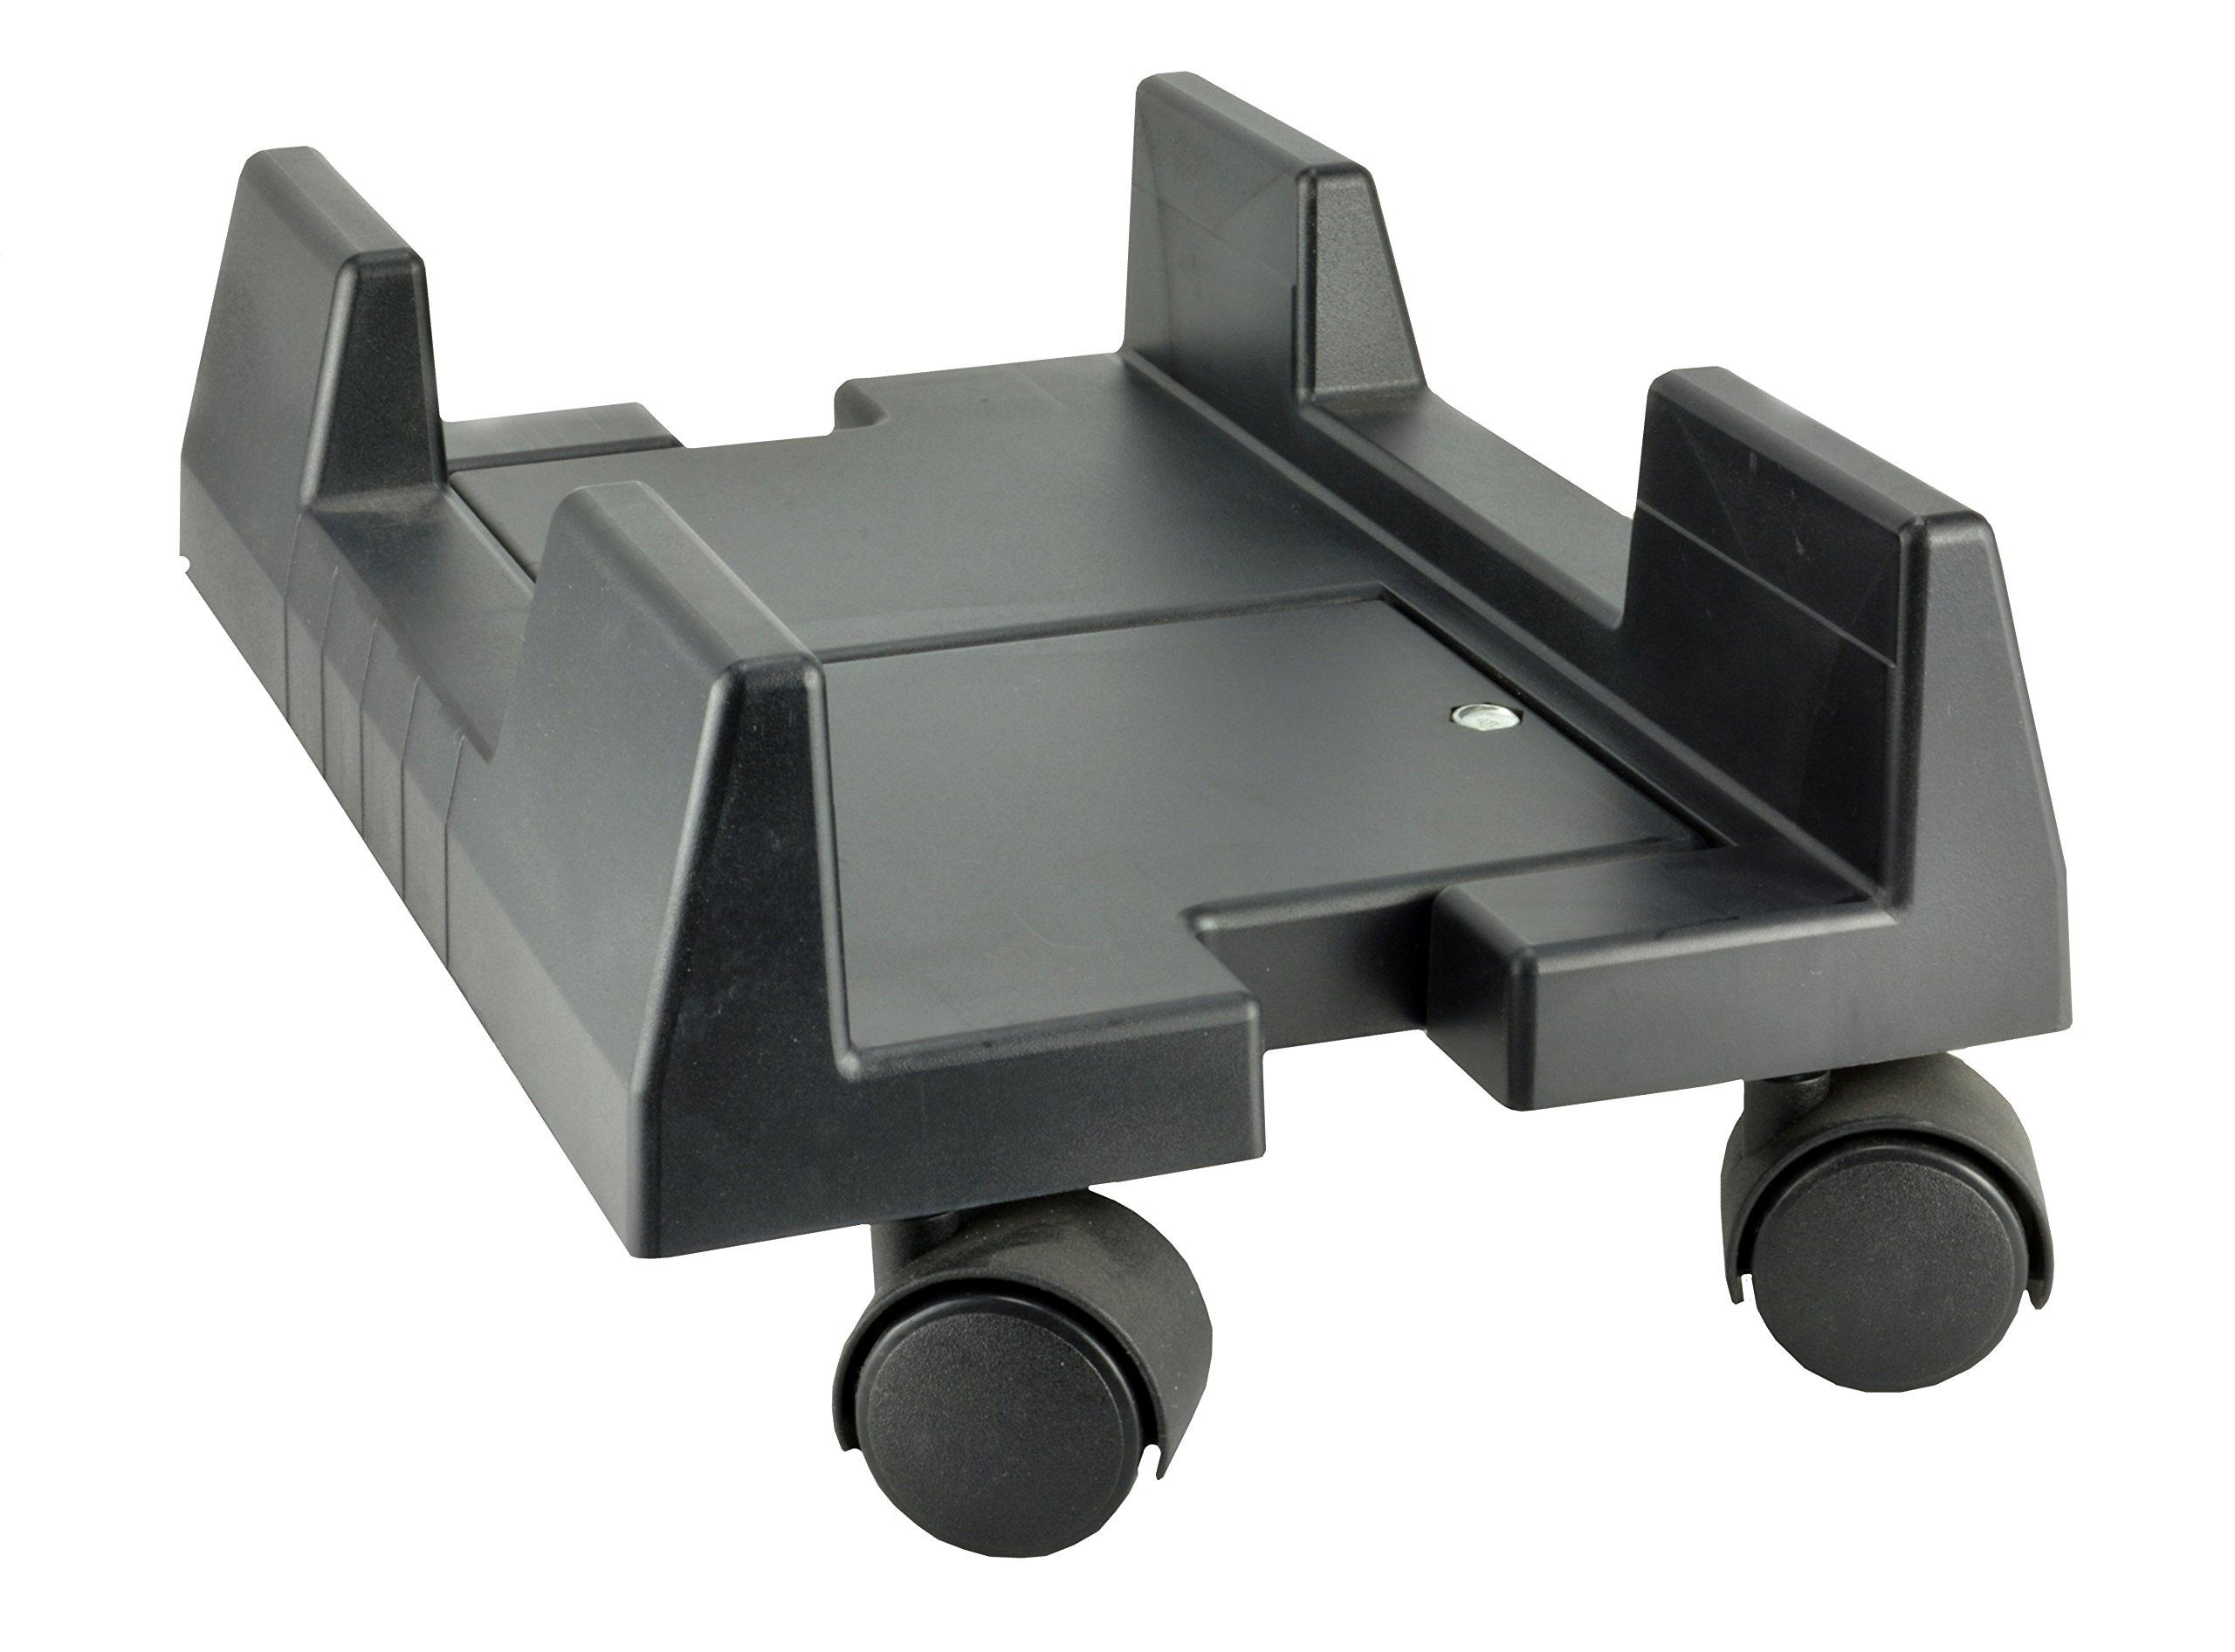 CPU Adjustable Desktop Stand, Manhattan 432832